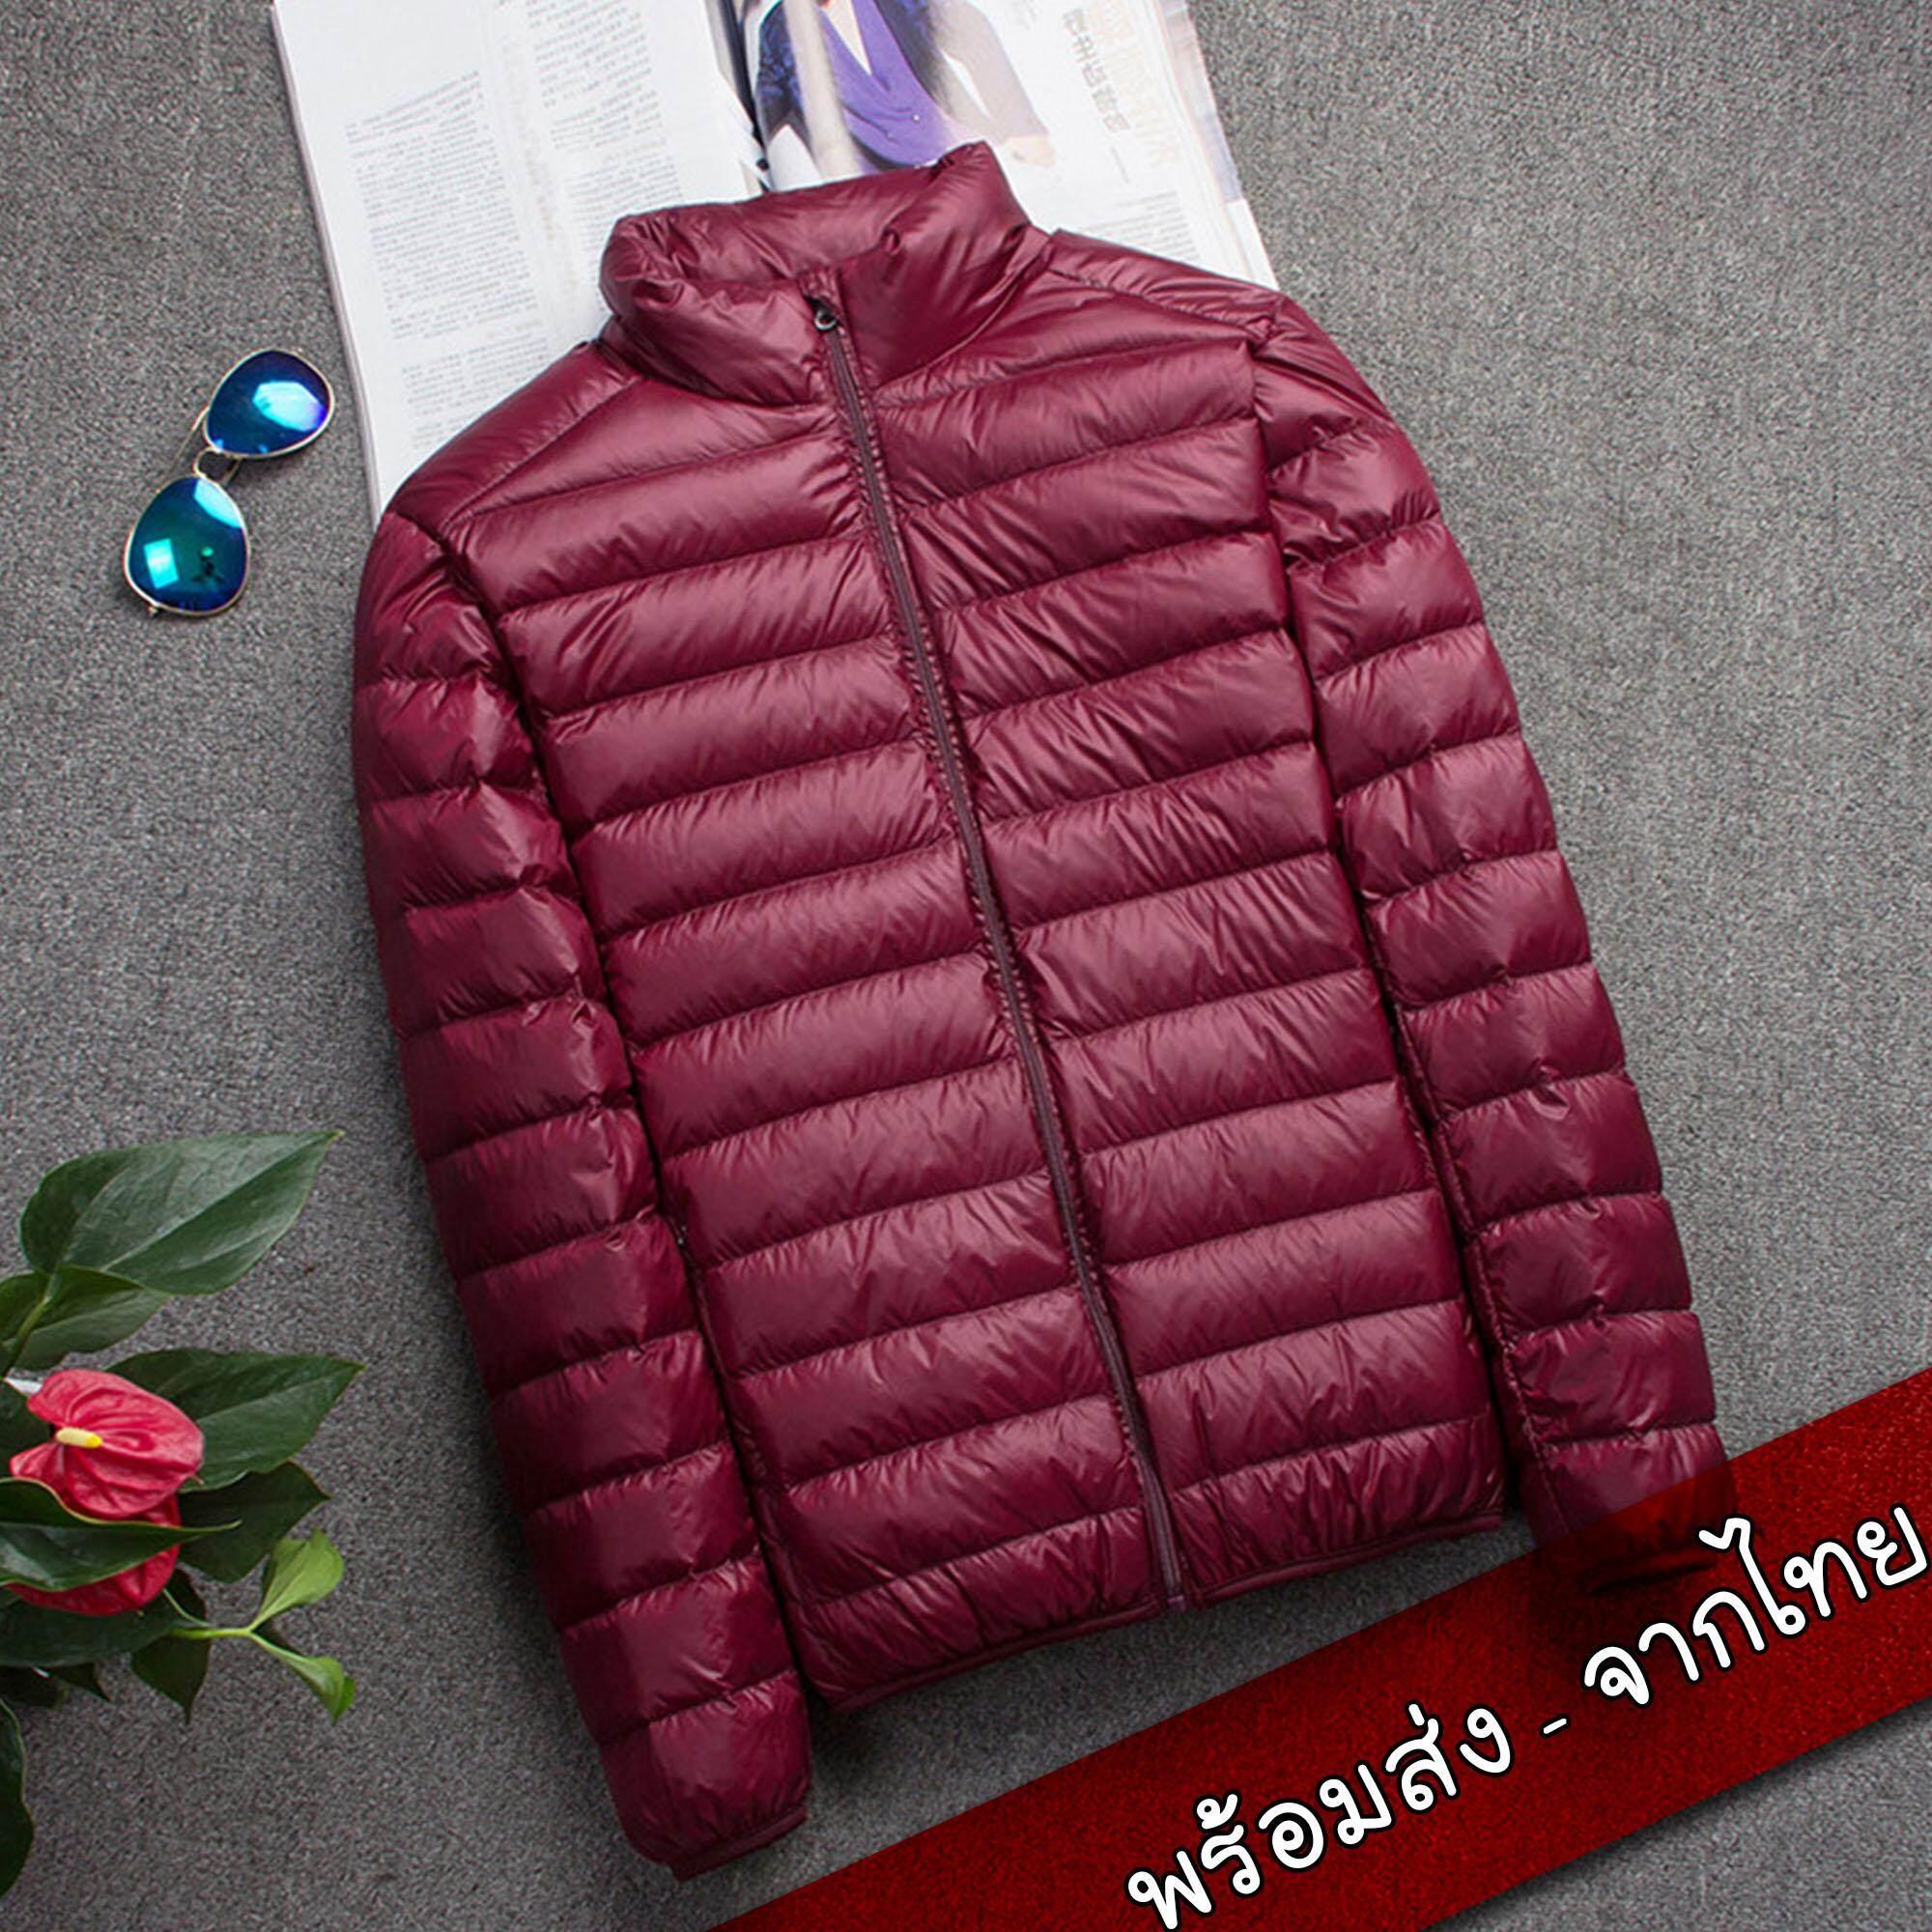 เสื้อกันหนาวขนเป็ด คอปก (ทรงuniqlo) ช/ญ Ultra Light Down เสื้อกันหนาว เสื้่อขนเป็ด J-04.